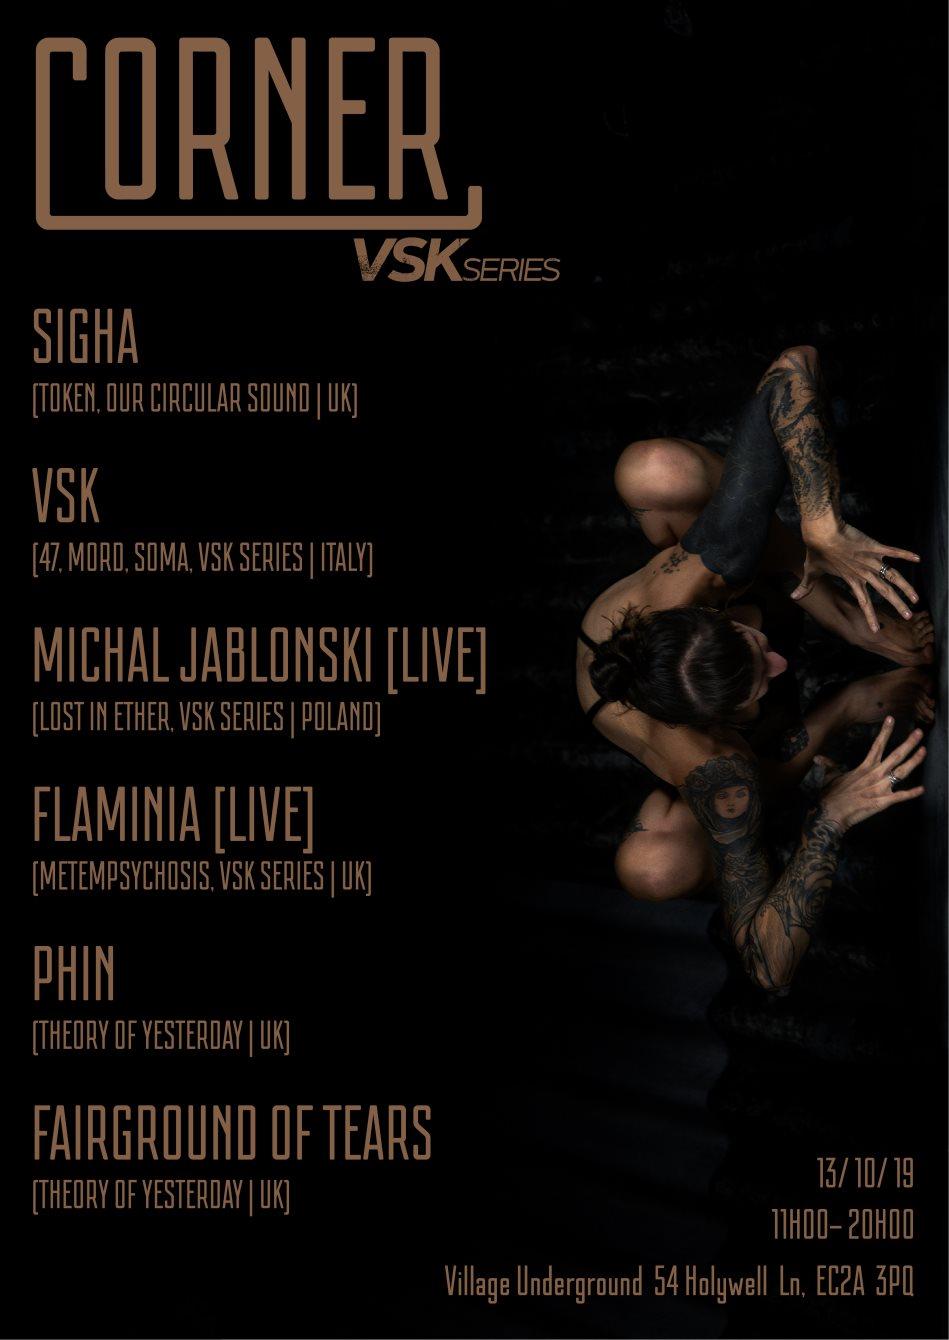 Corner present VSK Series with Sigha, VSK, Michal Jablonski, Flaminia and More - Flyer front